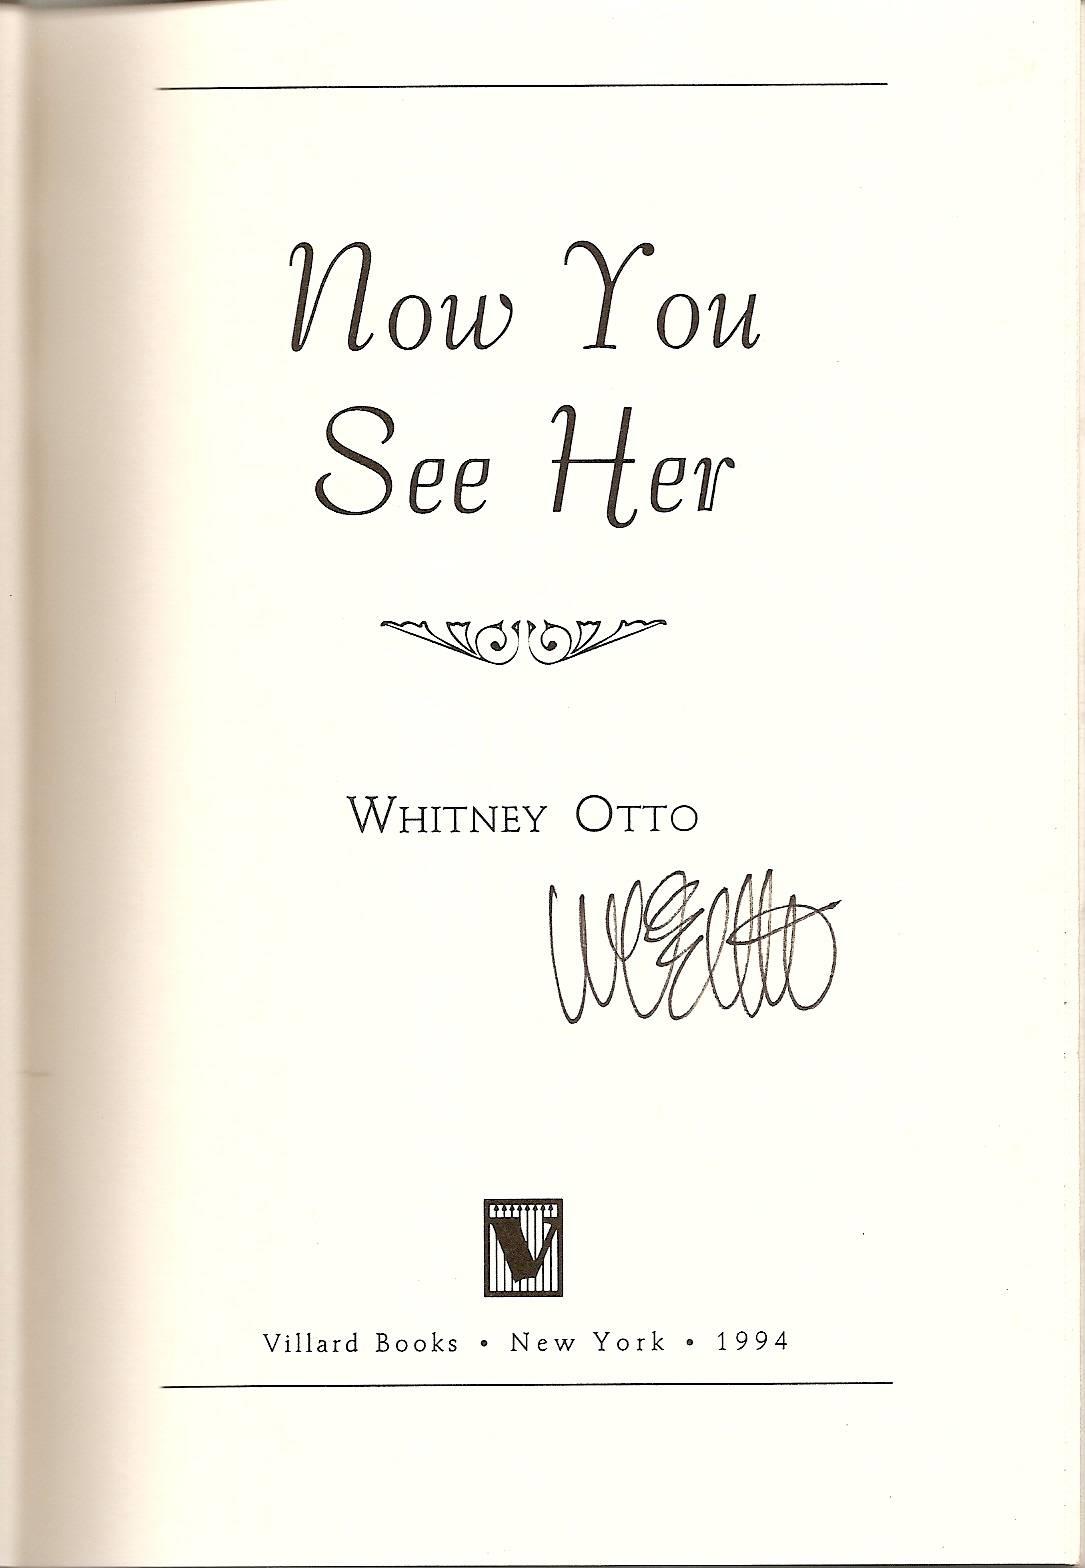 Whitney Otto